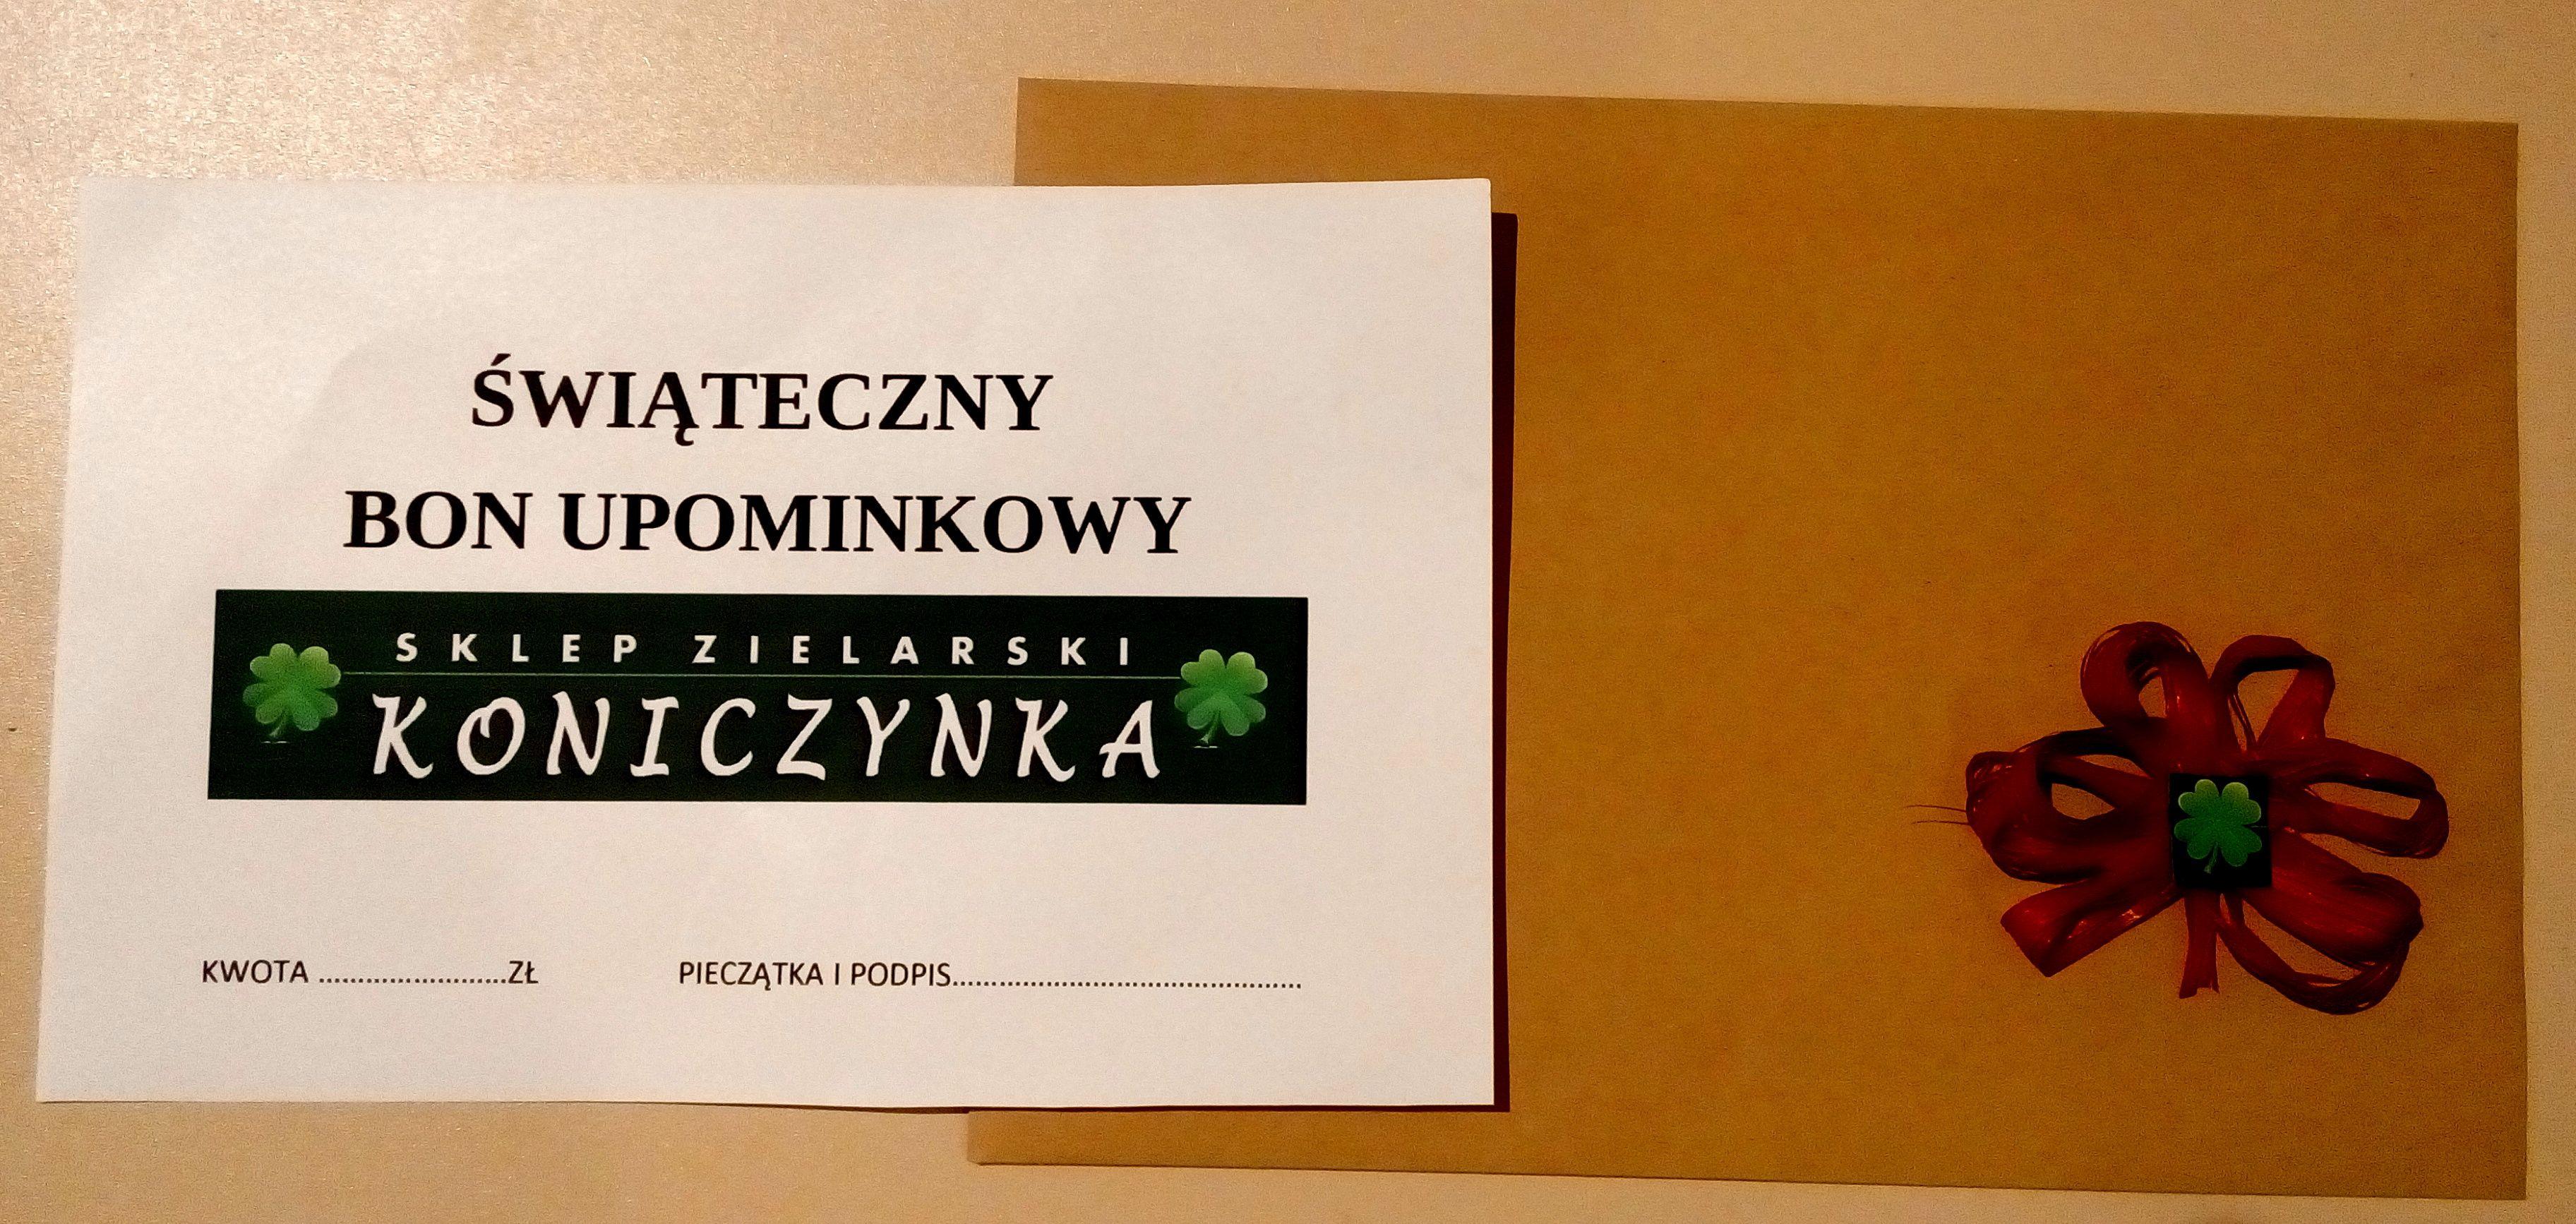 ZAWSZE TRAFIONY PREZENT TYLKO W KONICZYNCE!